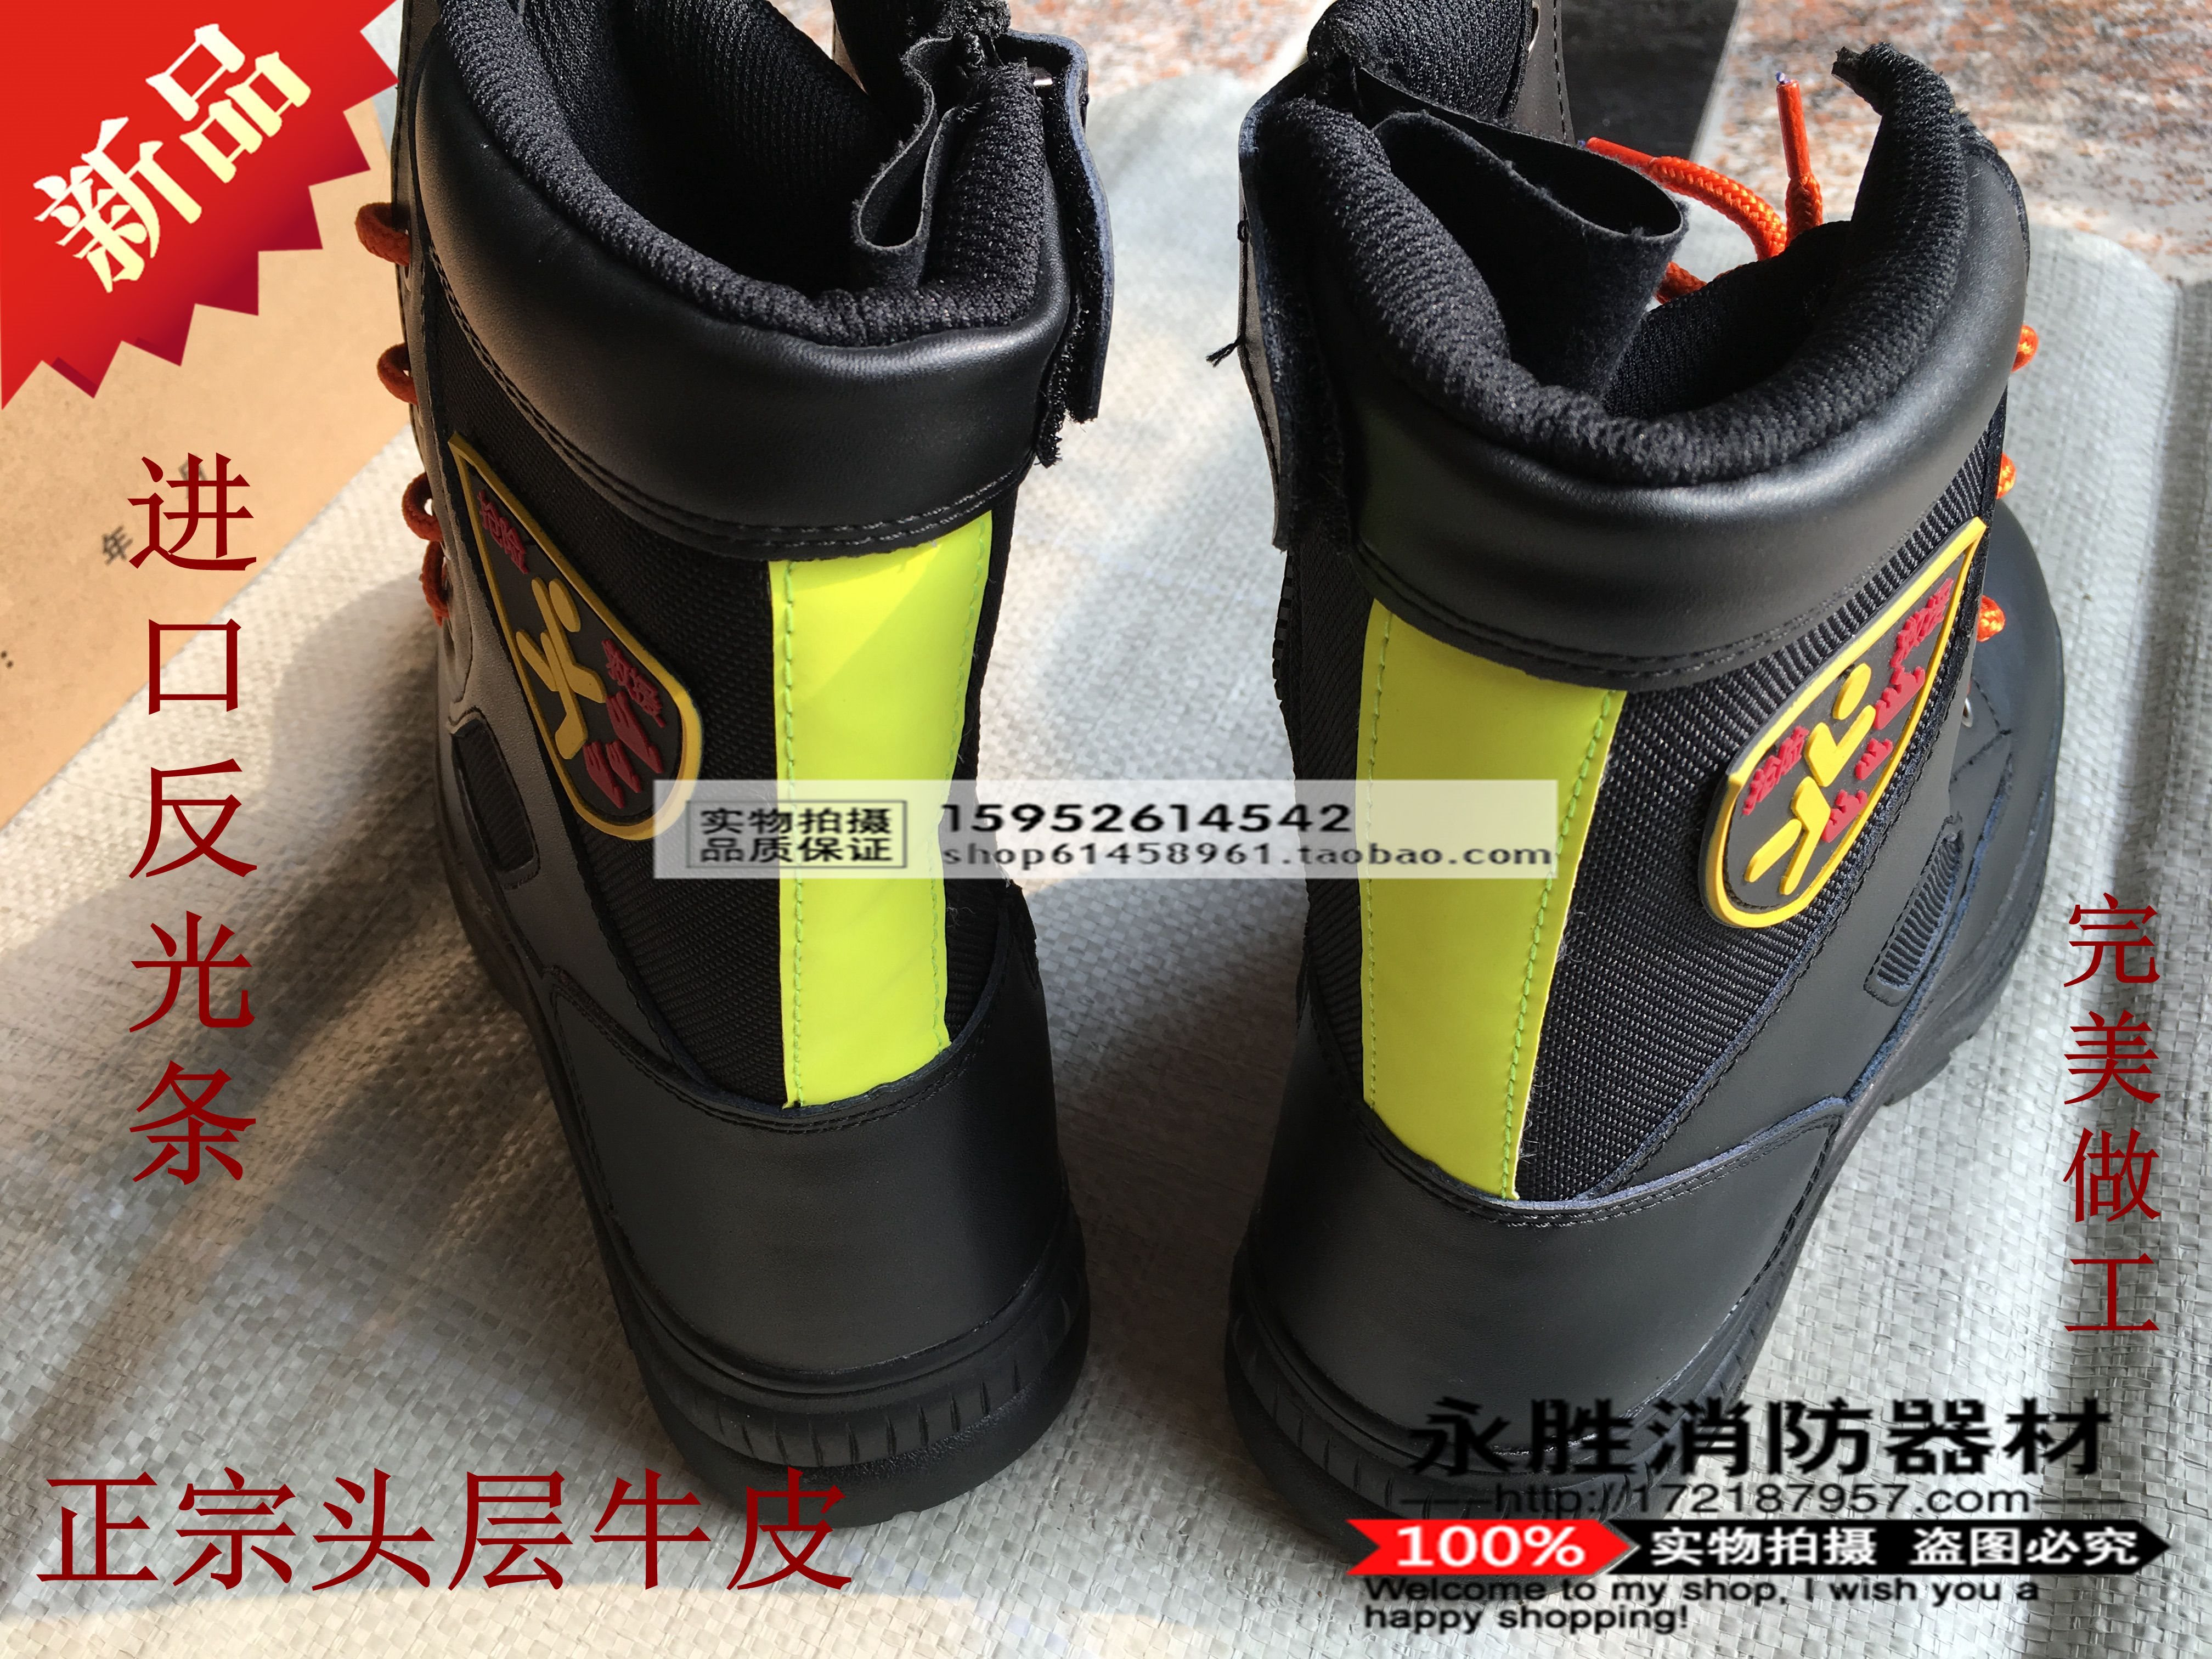 消防员抢险救援皮靴 消防员抢险救援布鞋 消防防护鞋轻便型鞋